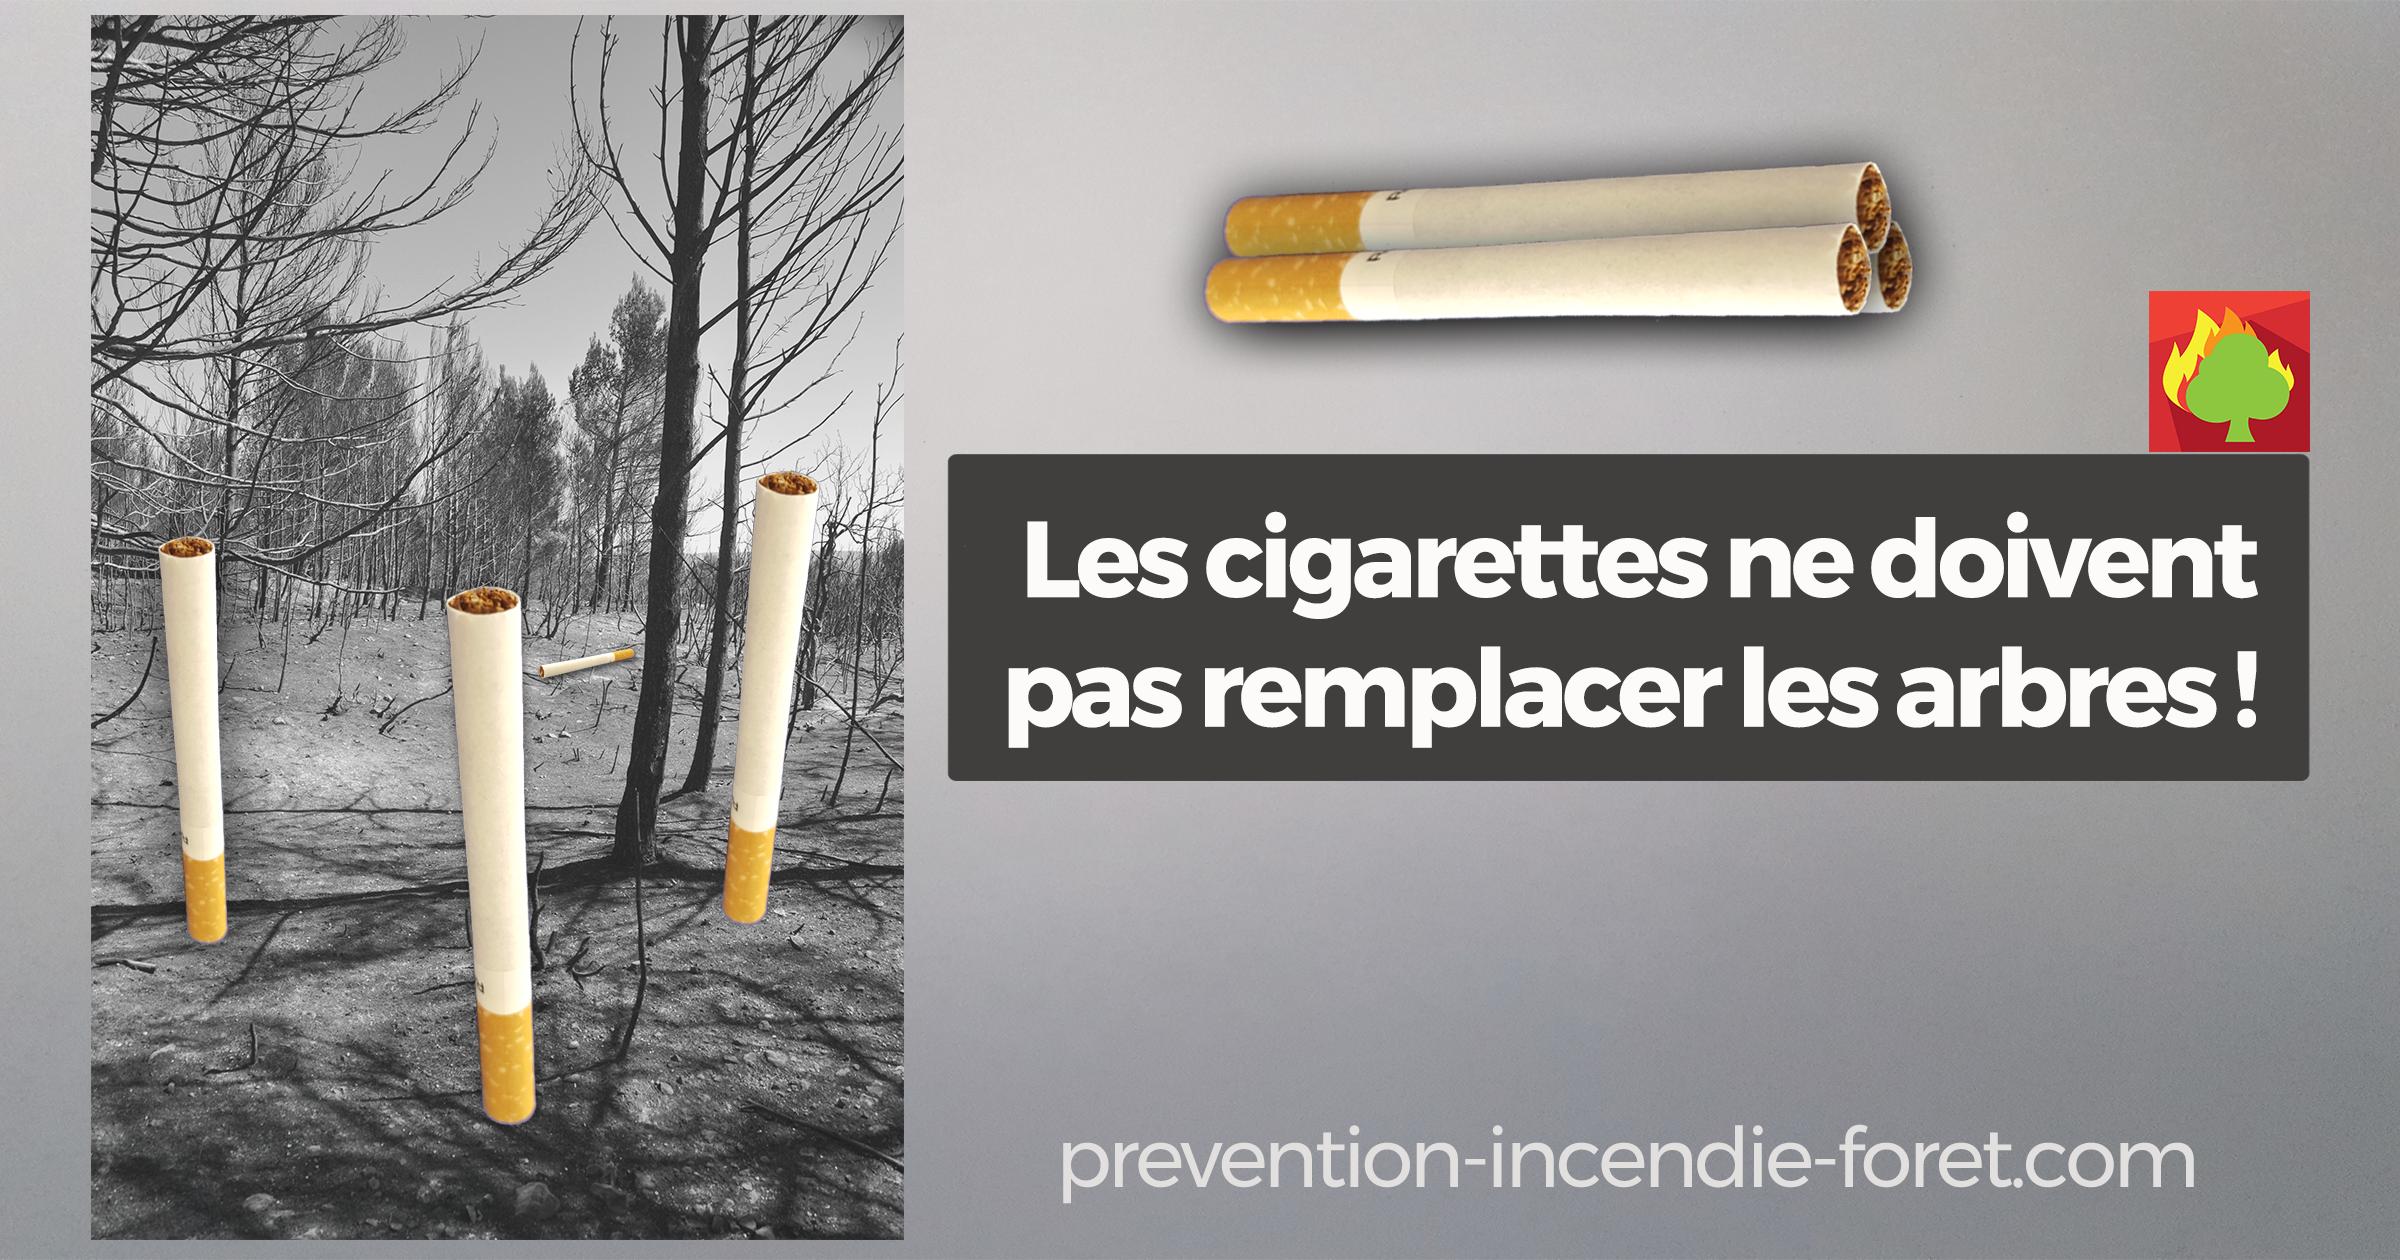 Les cigarettes ne doivent pas remplacer les arbres !